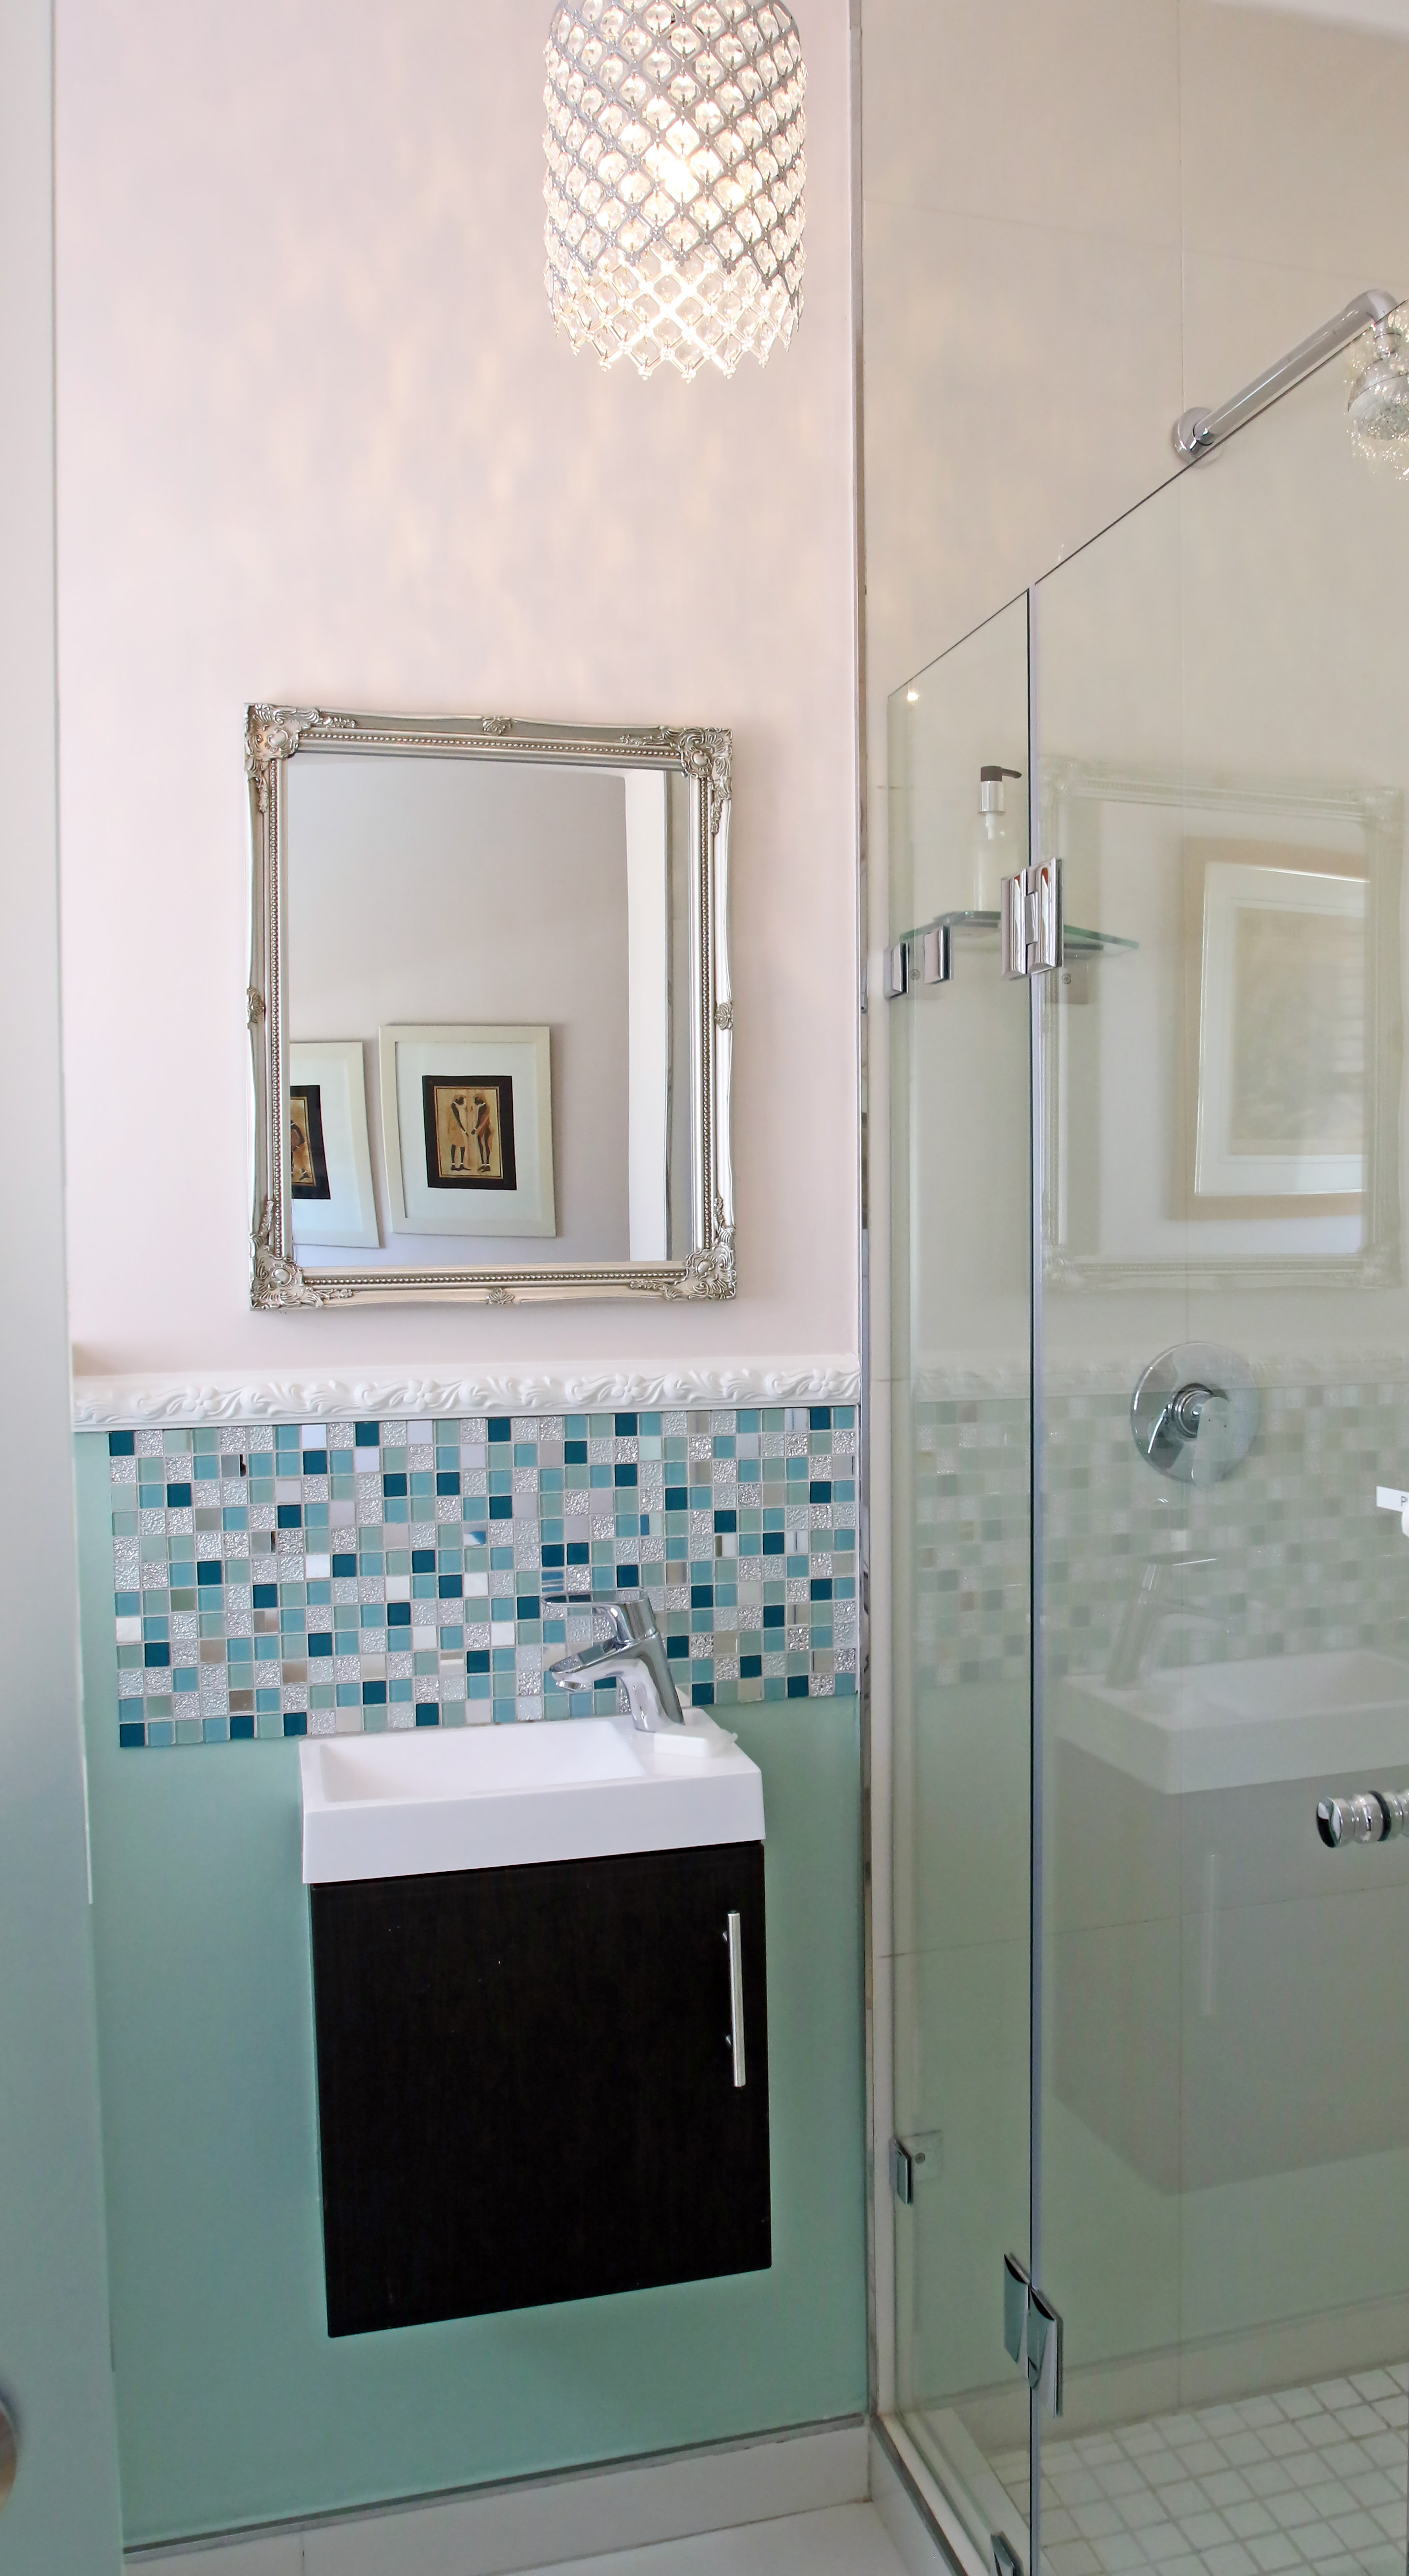 Room 3, Bathroom